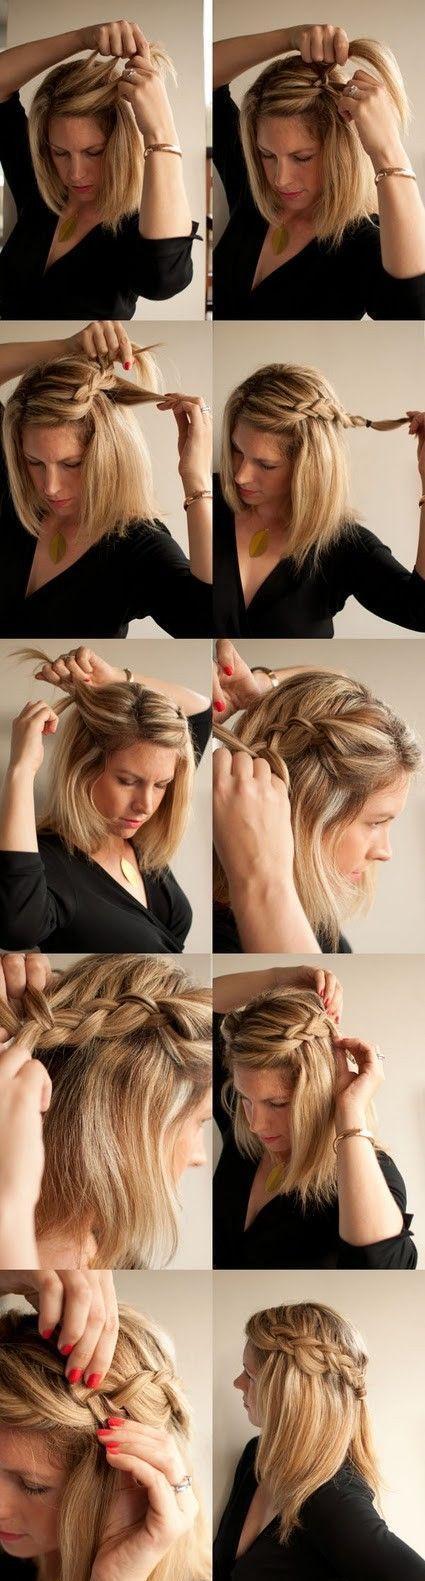 Прическа своими руками на кудрявые волосы пошагово